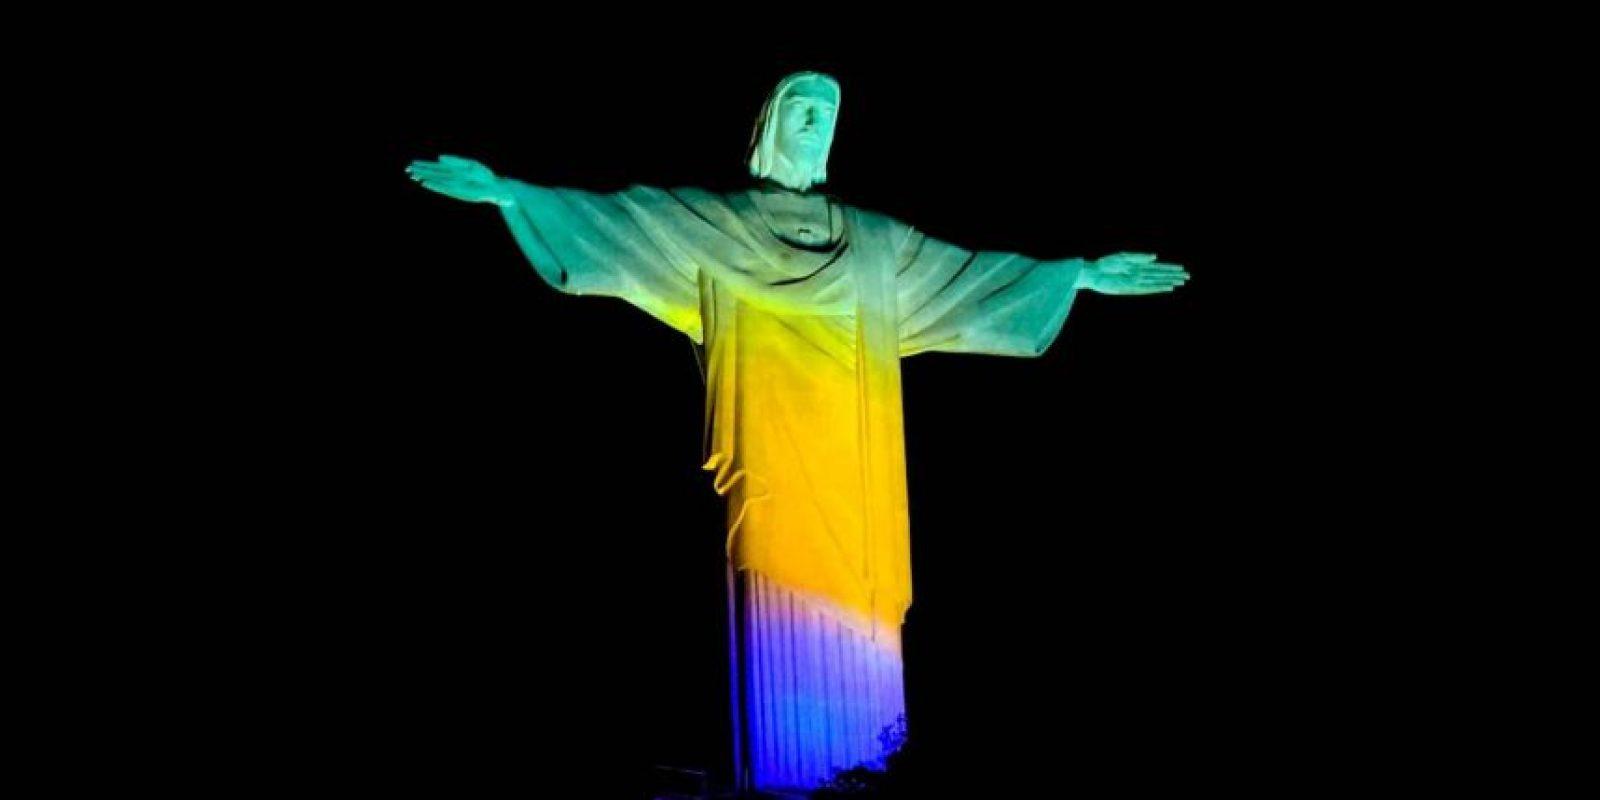 Estos problemas podrían llevar al fracaso los próximos Juegos Olímpicos. Foto:Getty Images